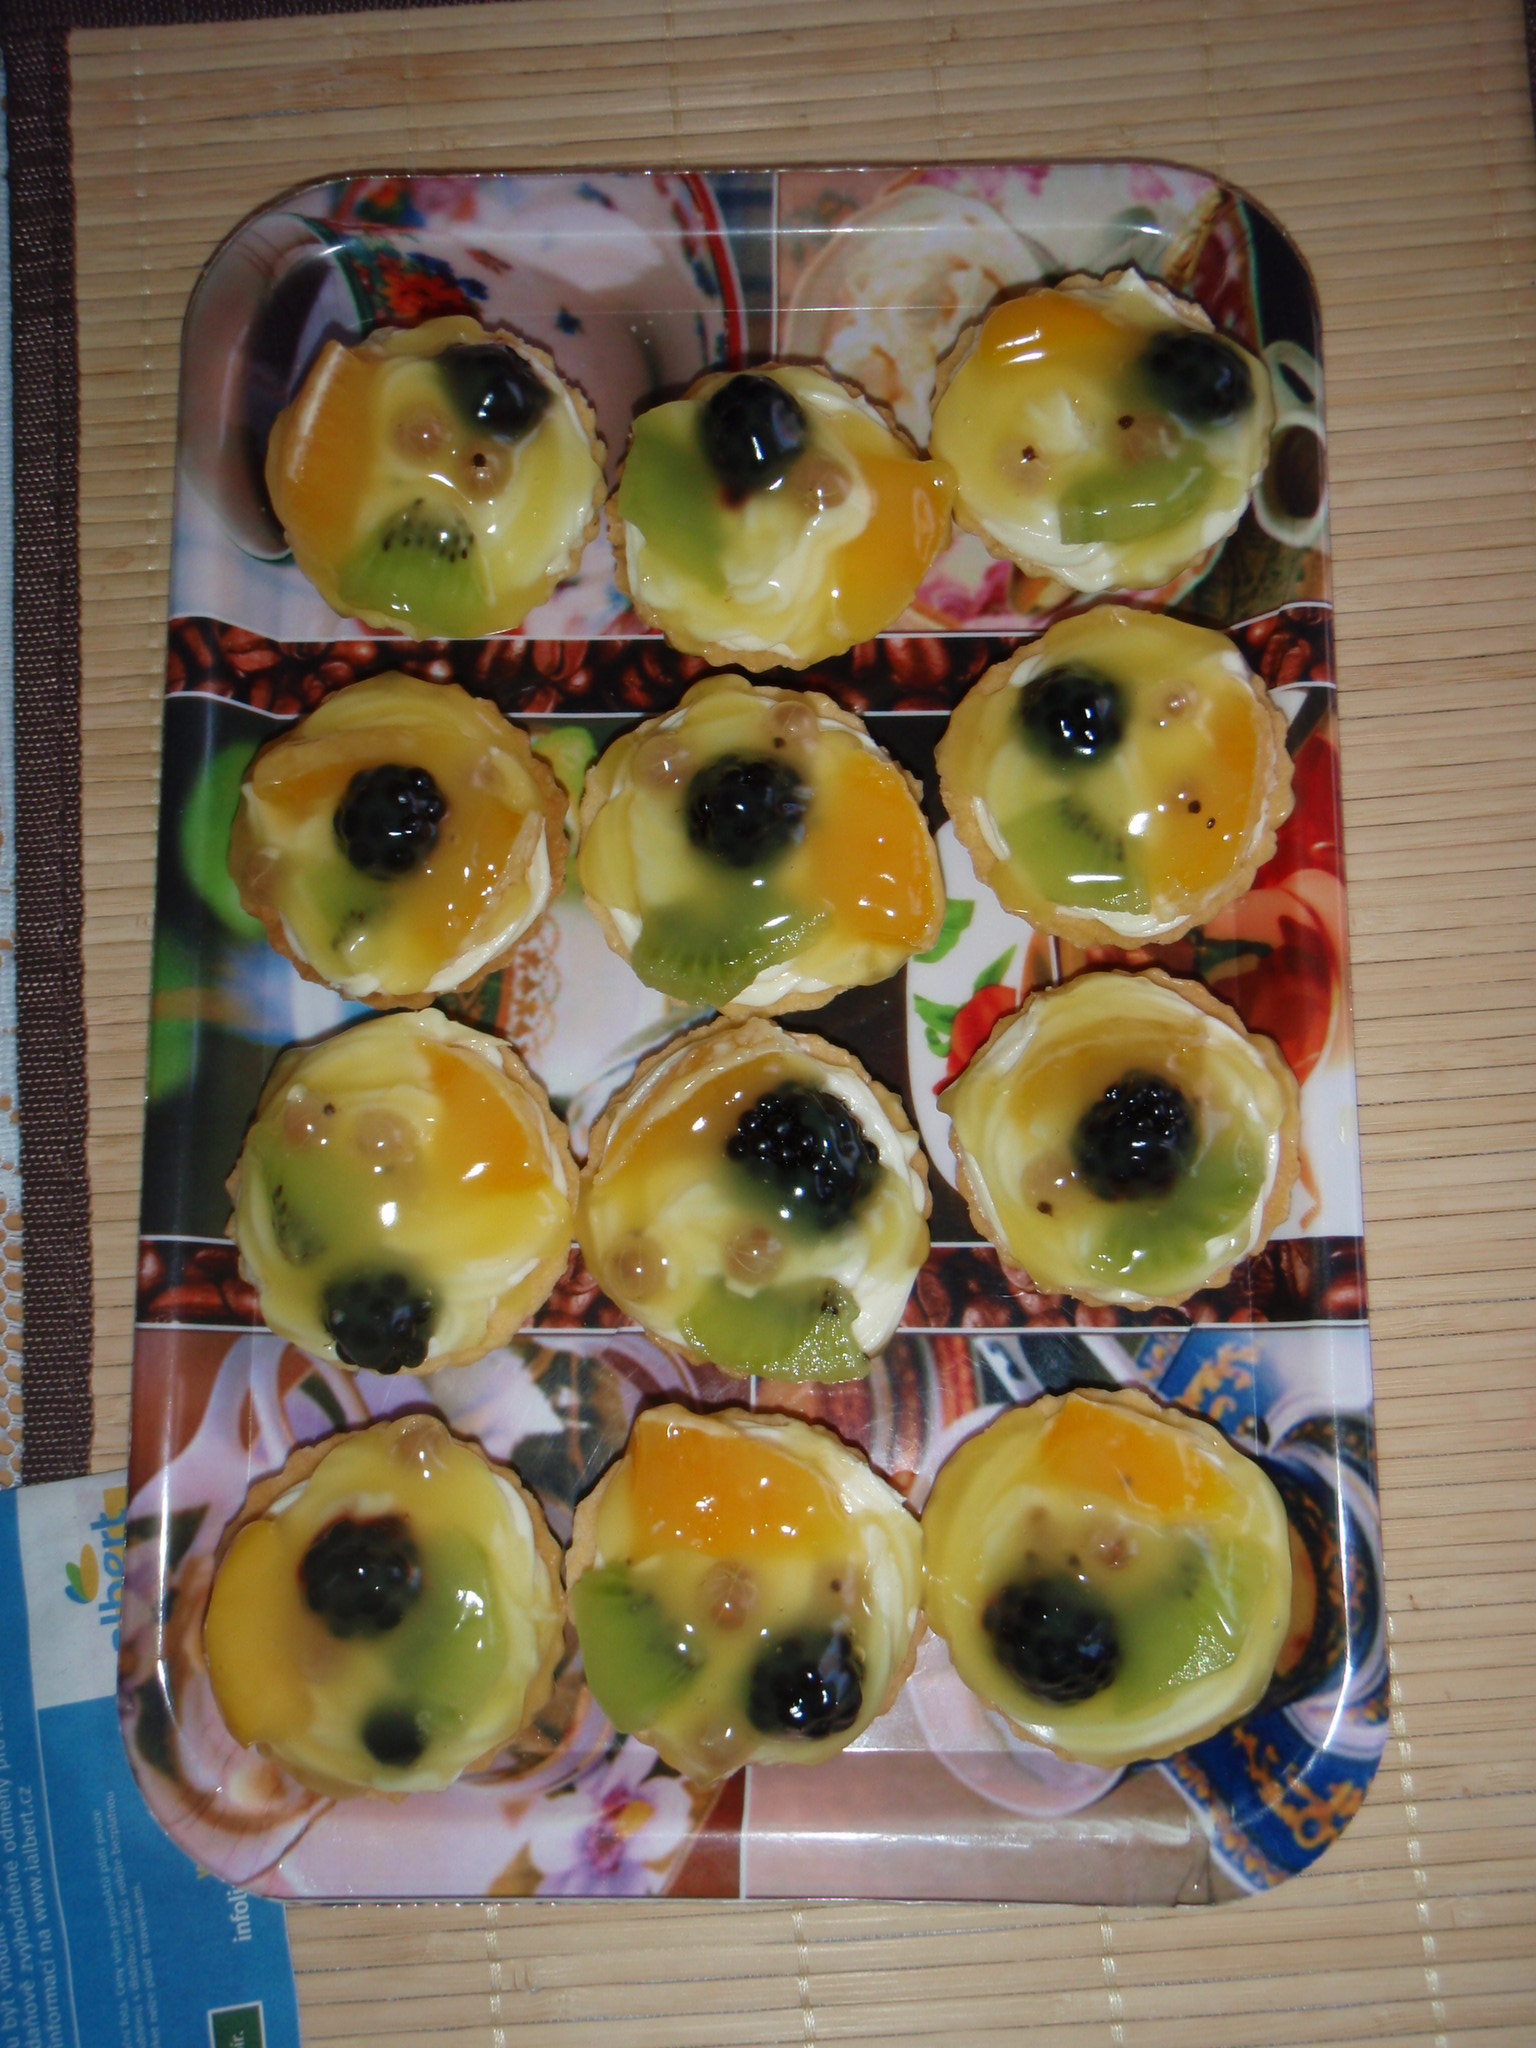 Ovocné košíčky s krémem